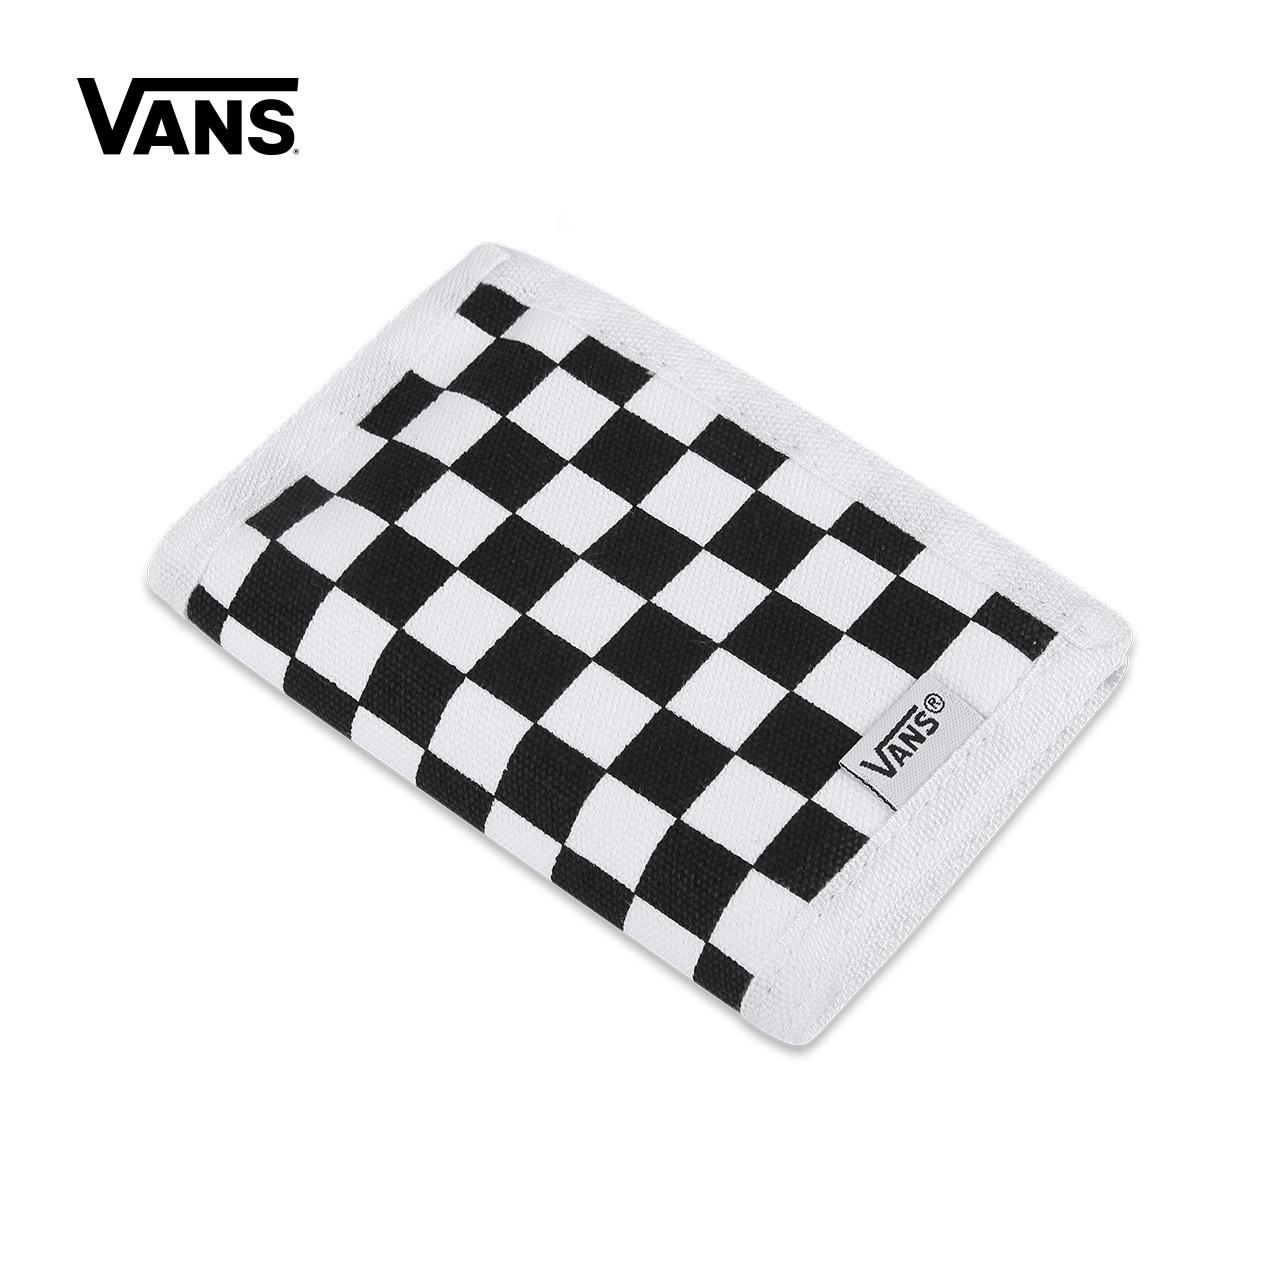 Vans範斯官方正品 新款棋盤格情侶款運動錢包